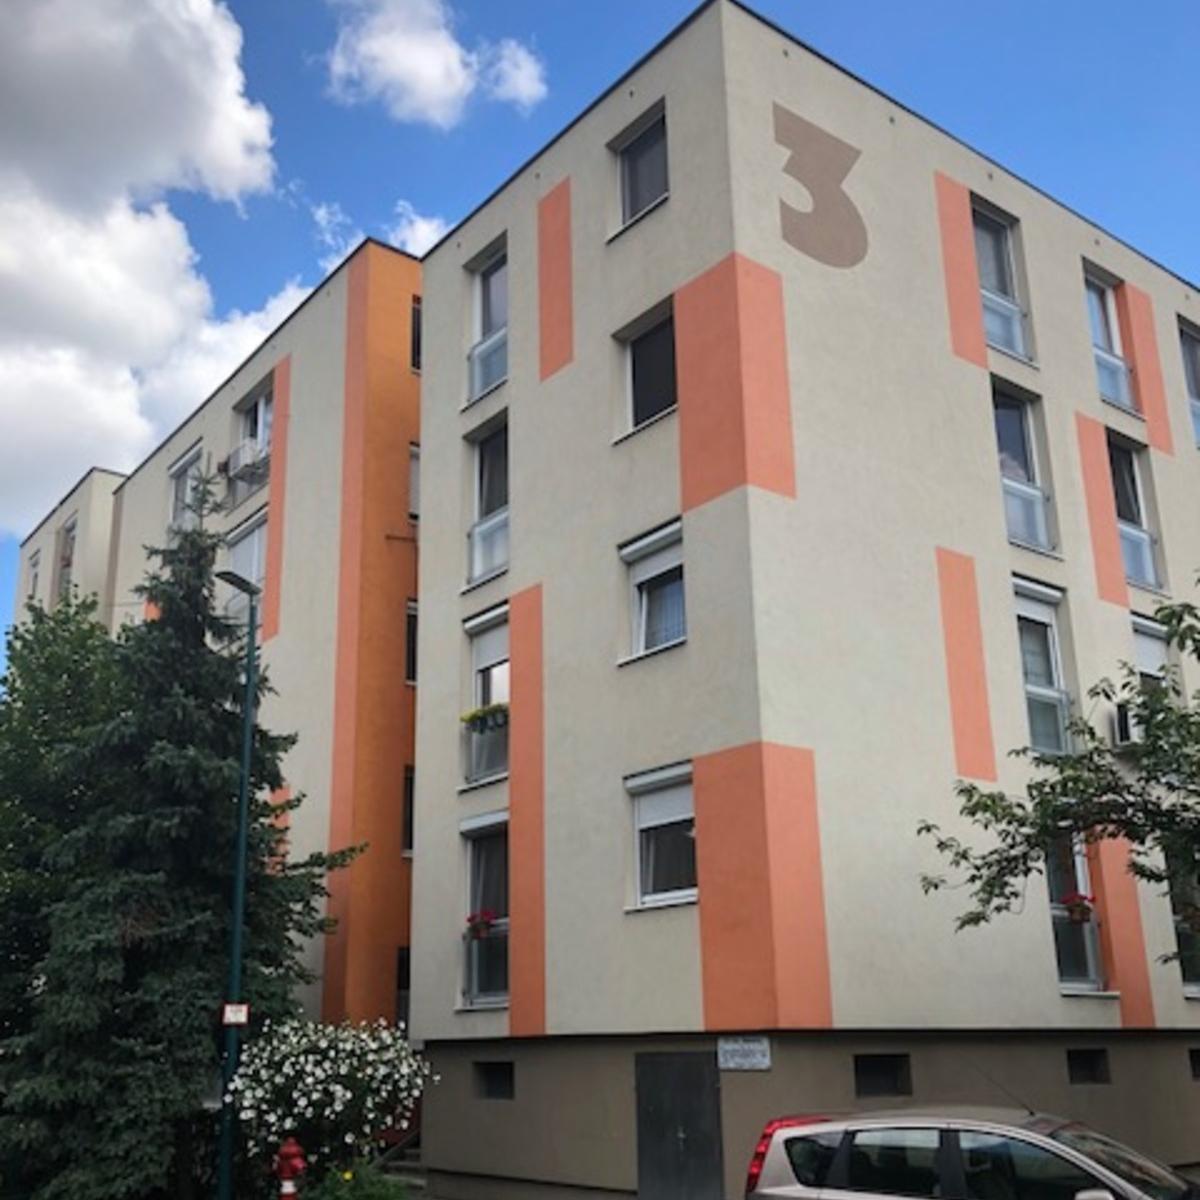 Eladó  téglalakás (Budapest, XIV. kerületBudapest, XIV. kerület, Szentmihályi út) 28 M  Ft